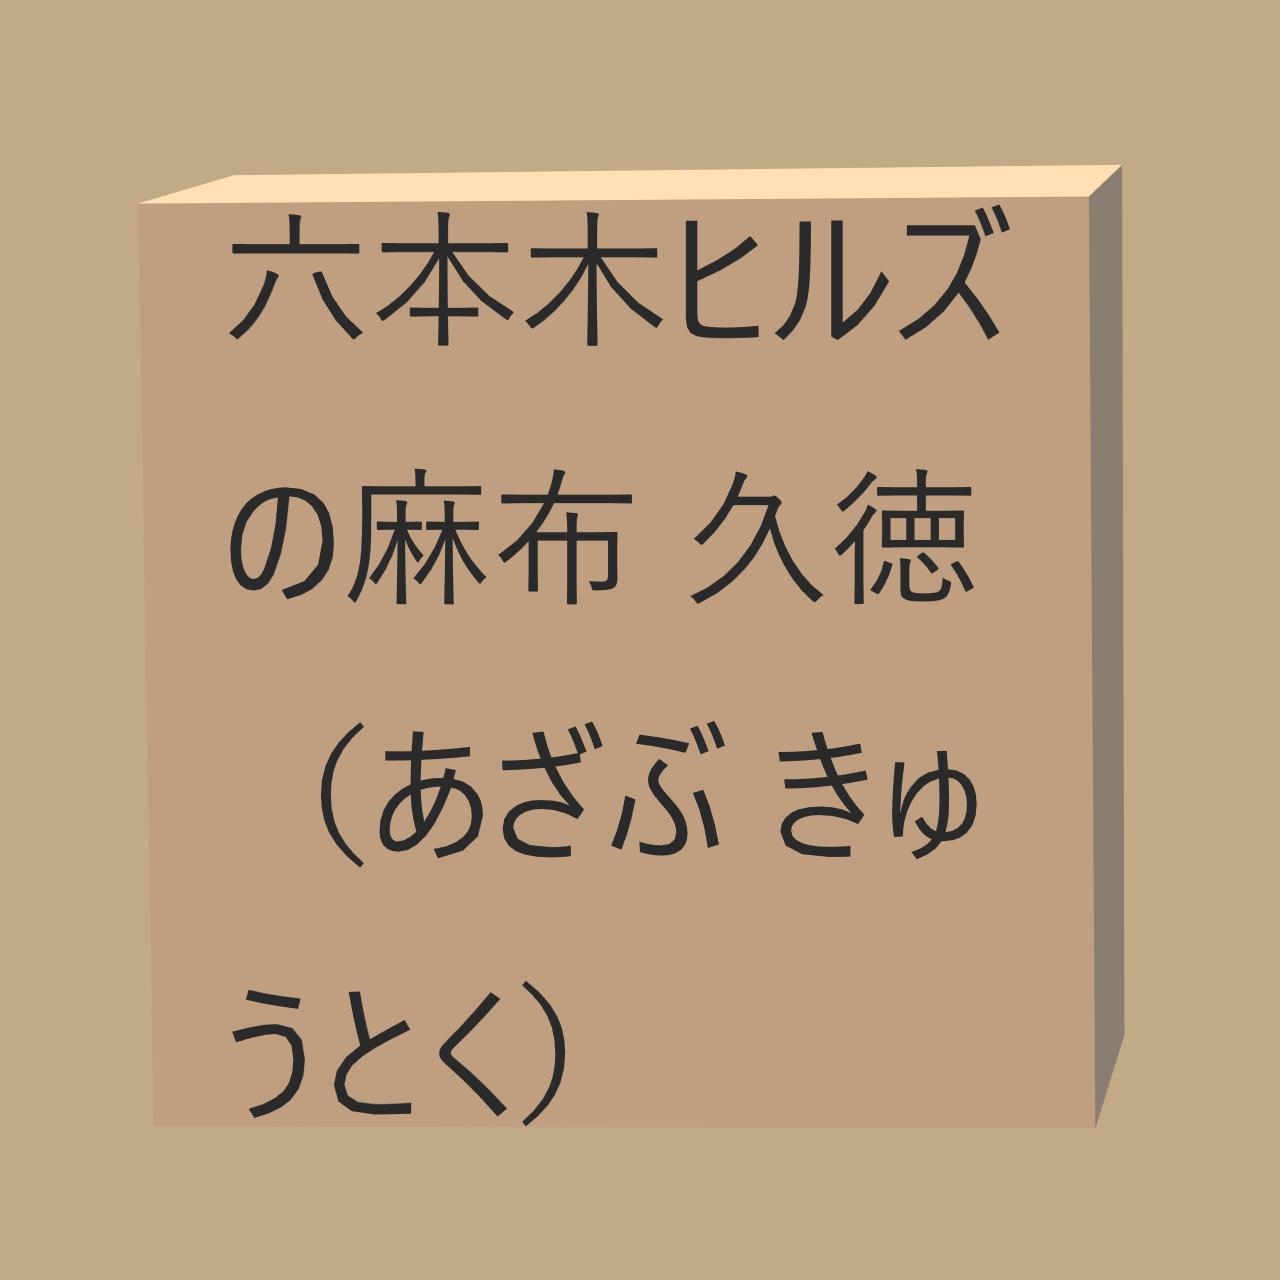 六本木ヒルズの麻布 久徳(あざぶ きゅうとく)の読(よ)み方、うどんやギフトとは?にかかる画像(がぞう)